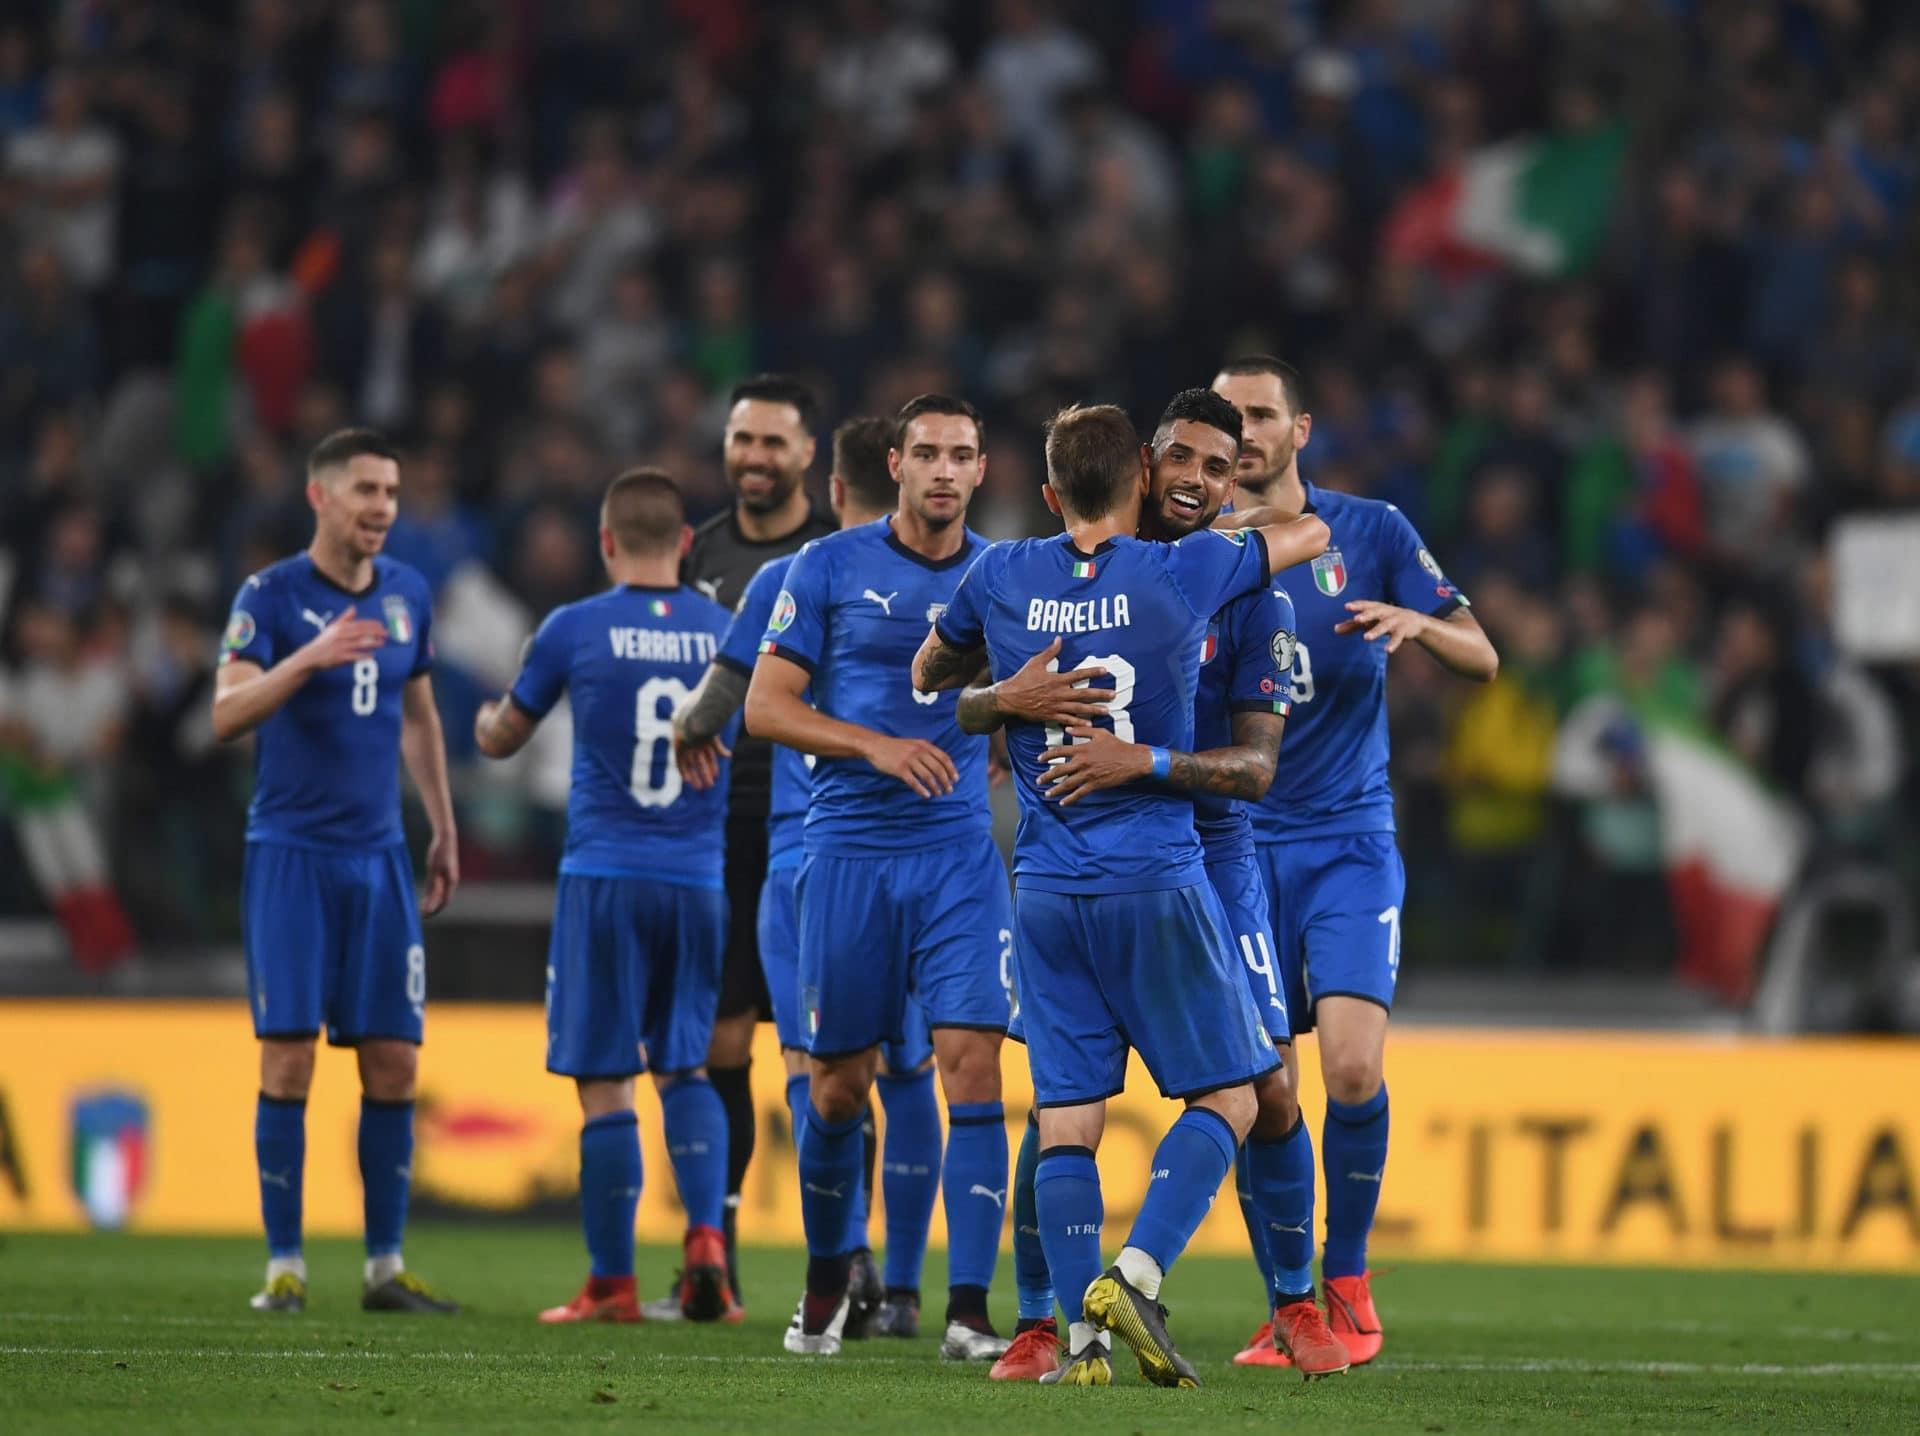 Italia Grecia probabili formazioni